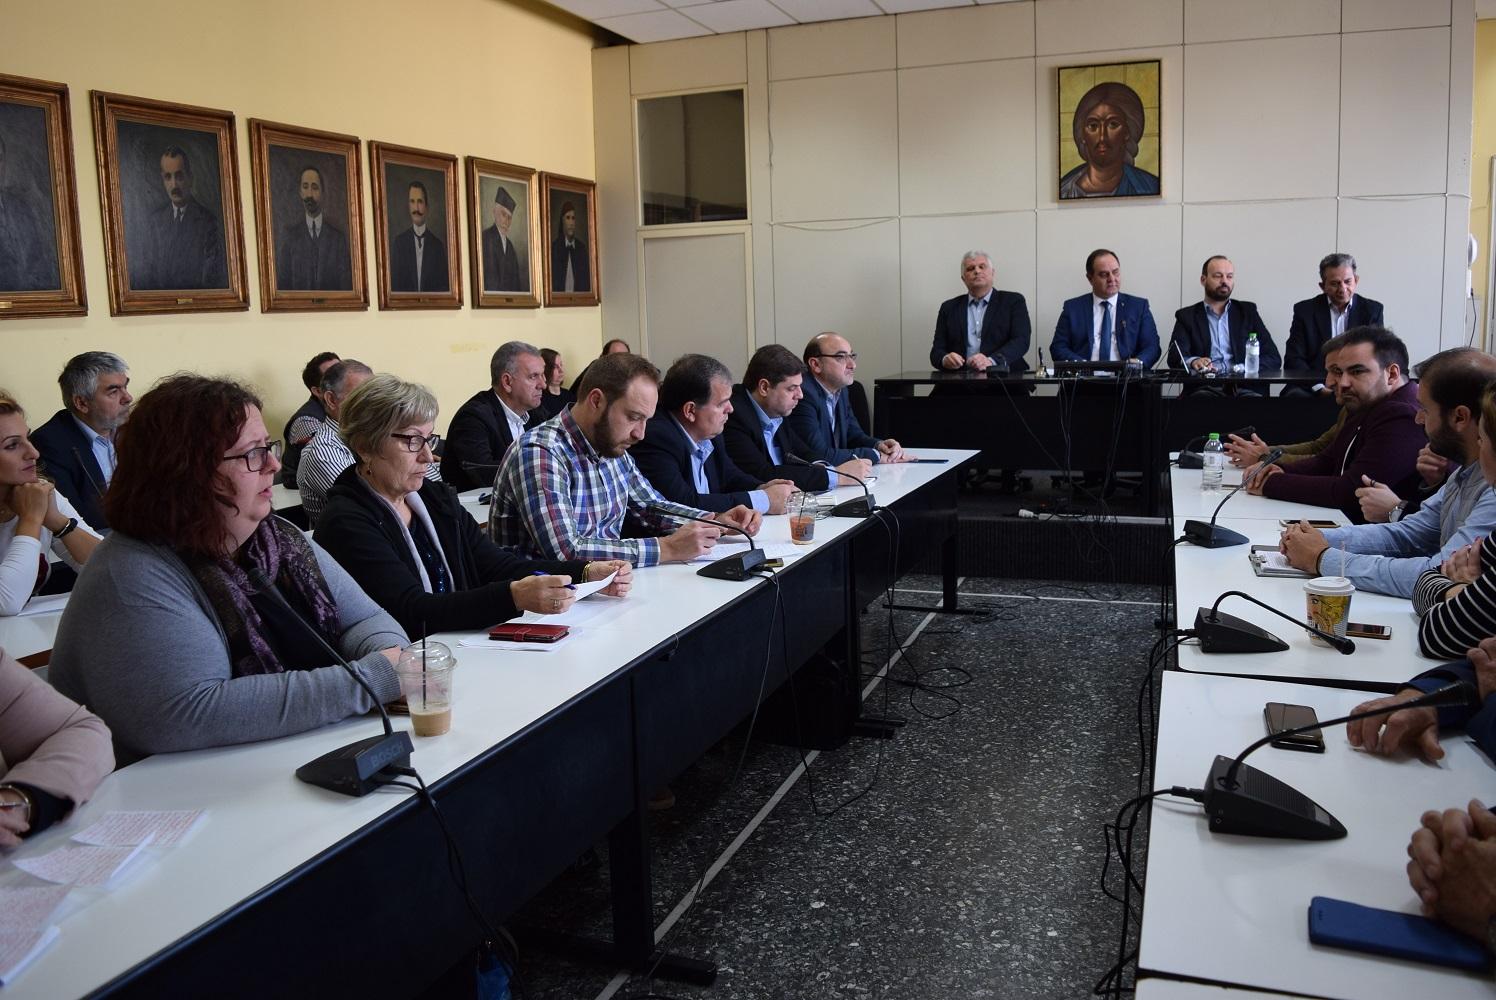 Σύσκεψη στο Δήμο Καρδίτσας για την αναστολή λειτουργίας του τμήματος πρώιμης παιδικής ηλικίας